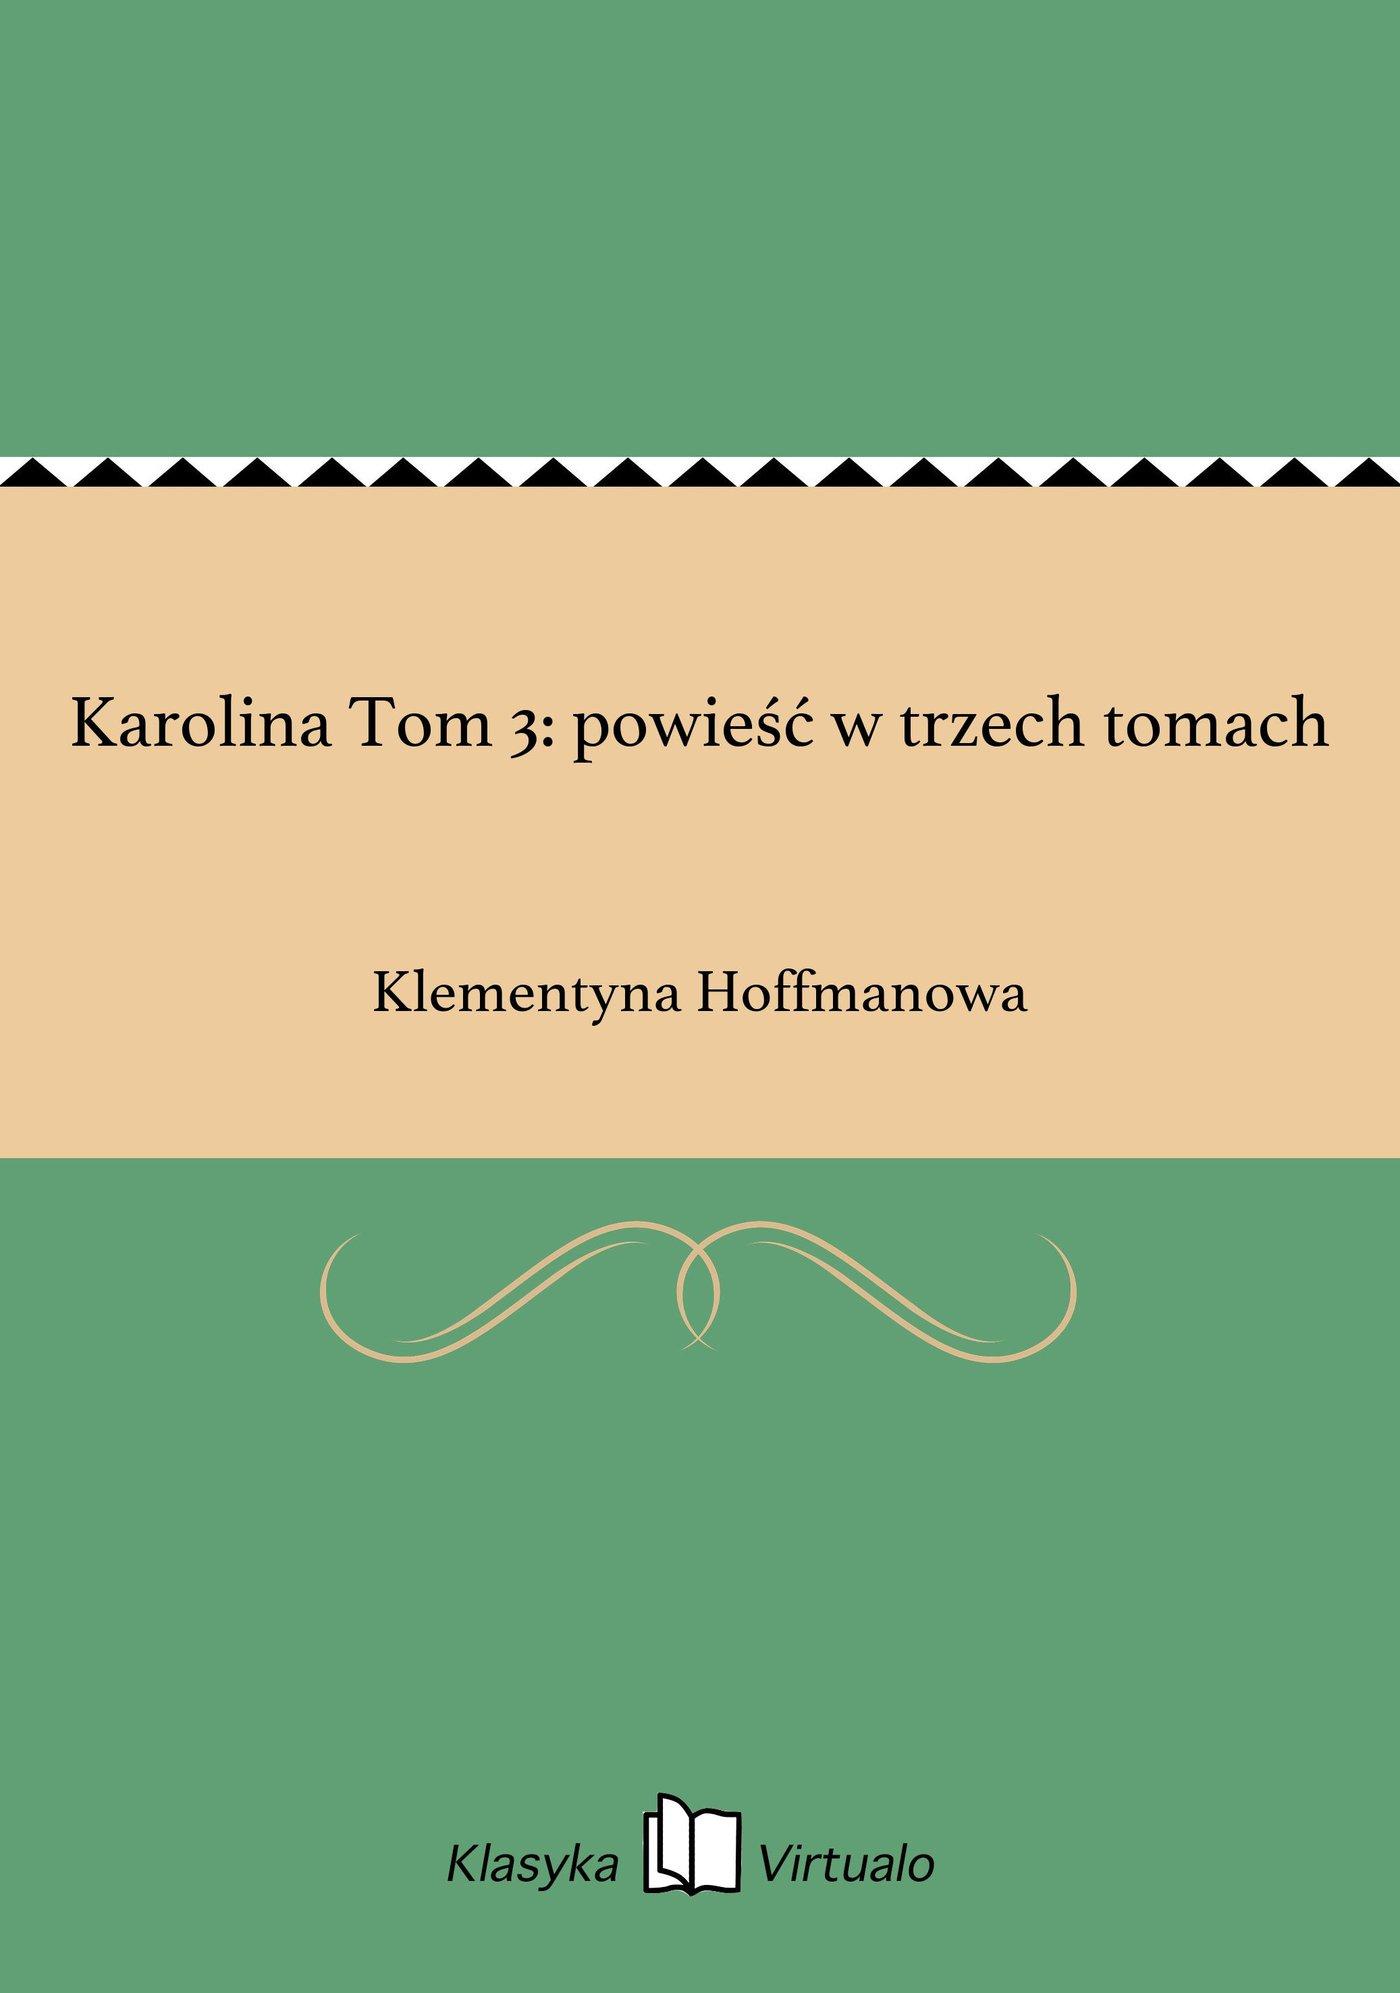 Karolina Tom 3: powieść w trzech tomach - Ebook (Książka EPUB) do pobrania w formacie EPUB